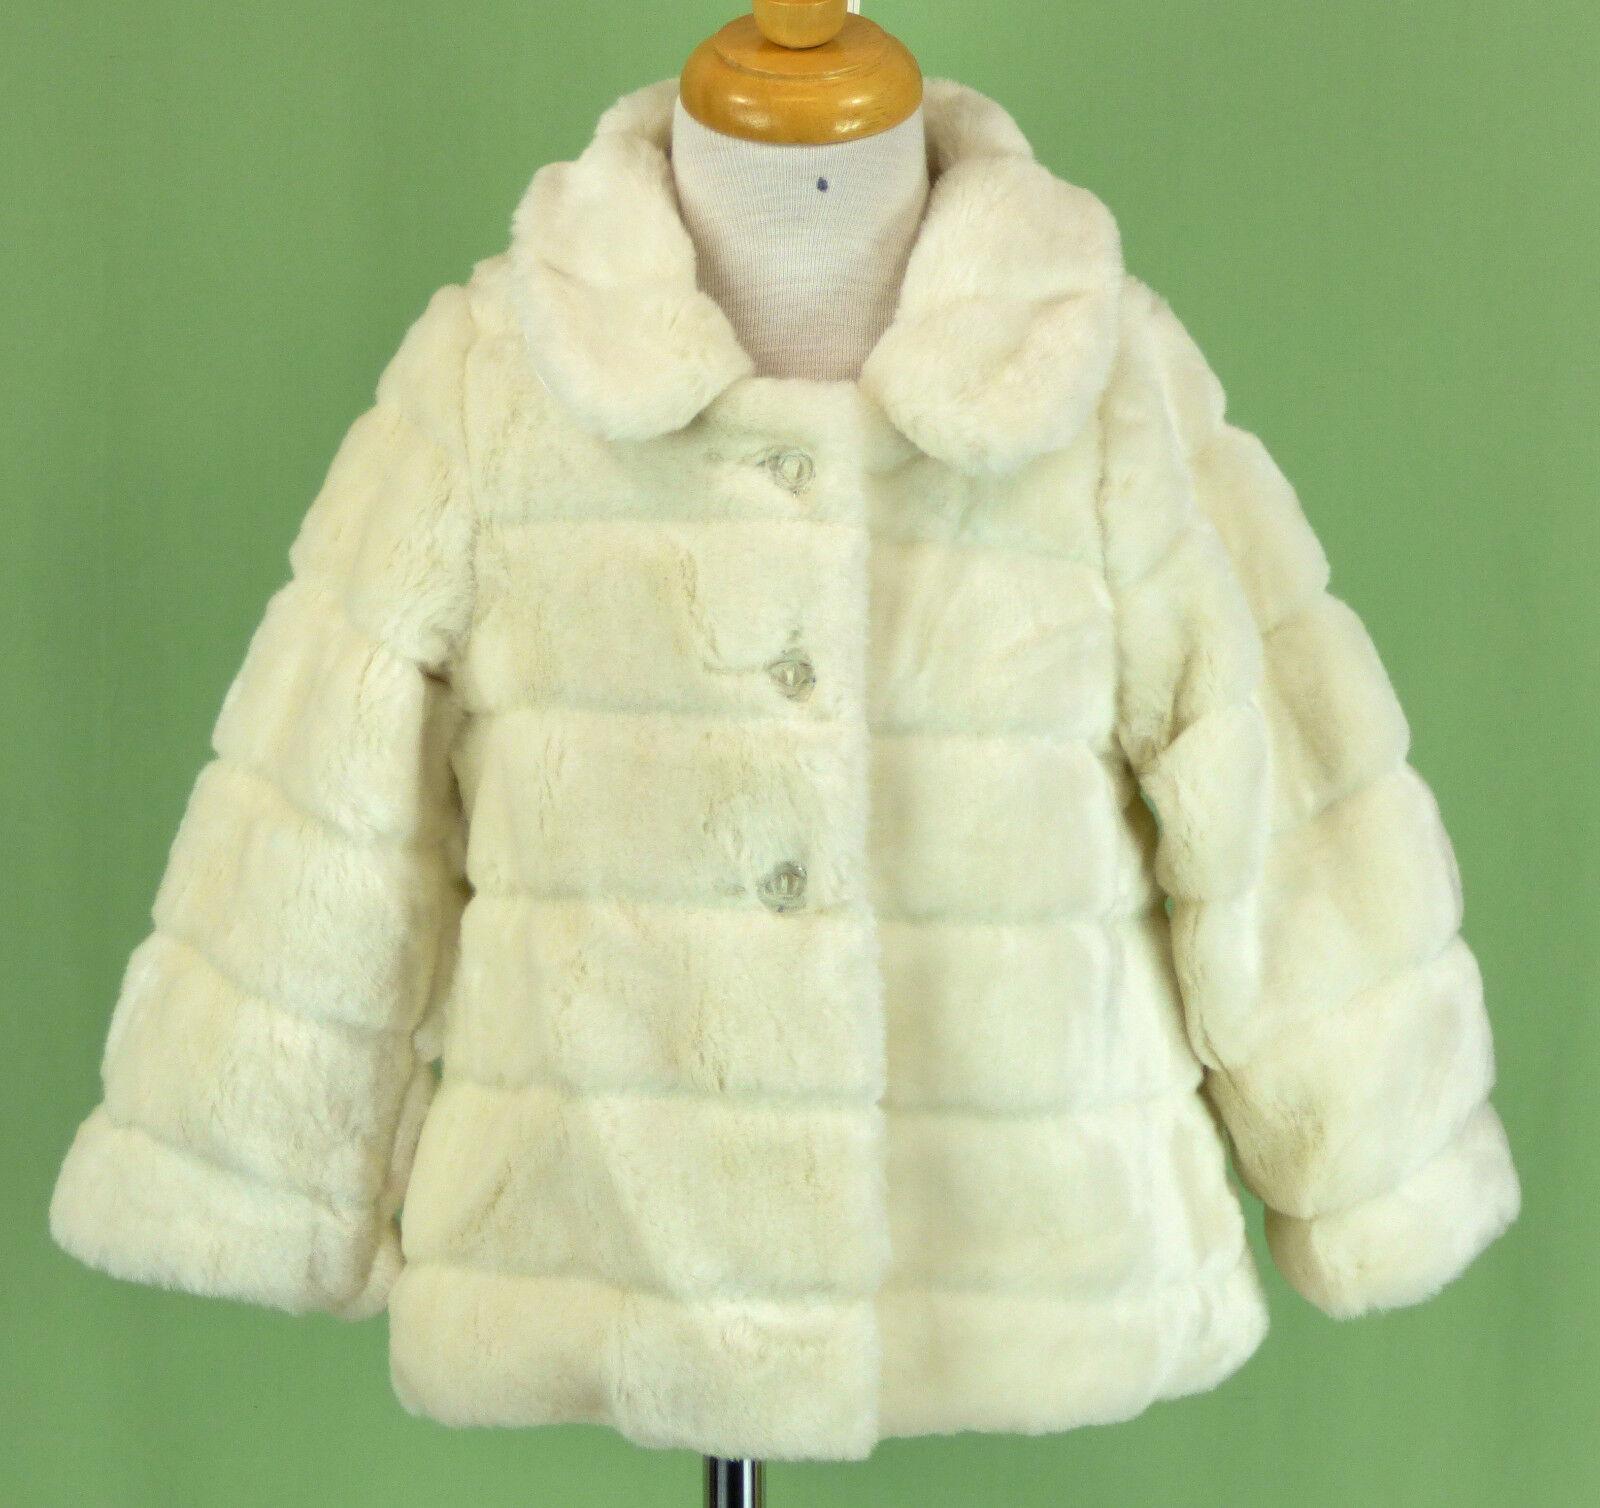 292 NWT bebé GAP niña marfil manga larga chaqueta de abrigo de invierno de piel sintética borrosa NUEVO 4